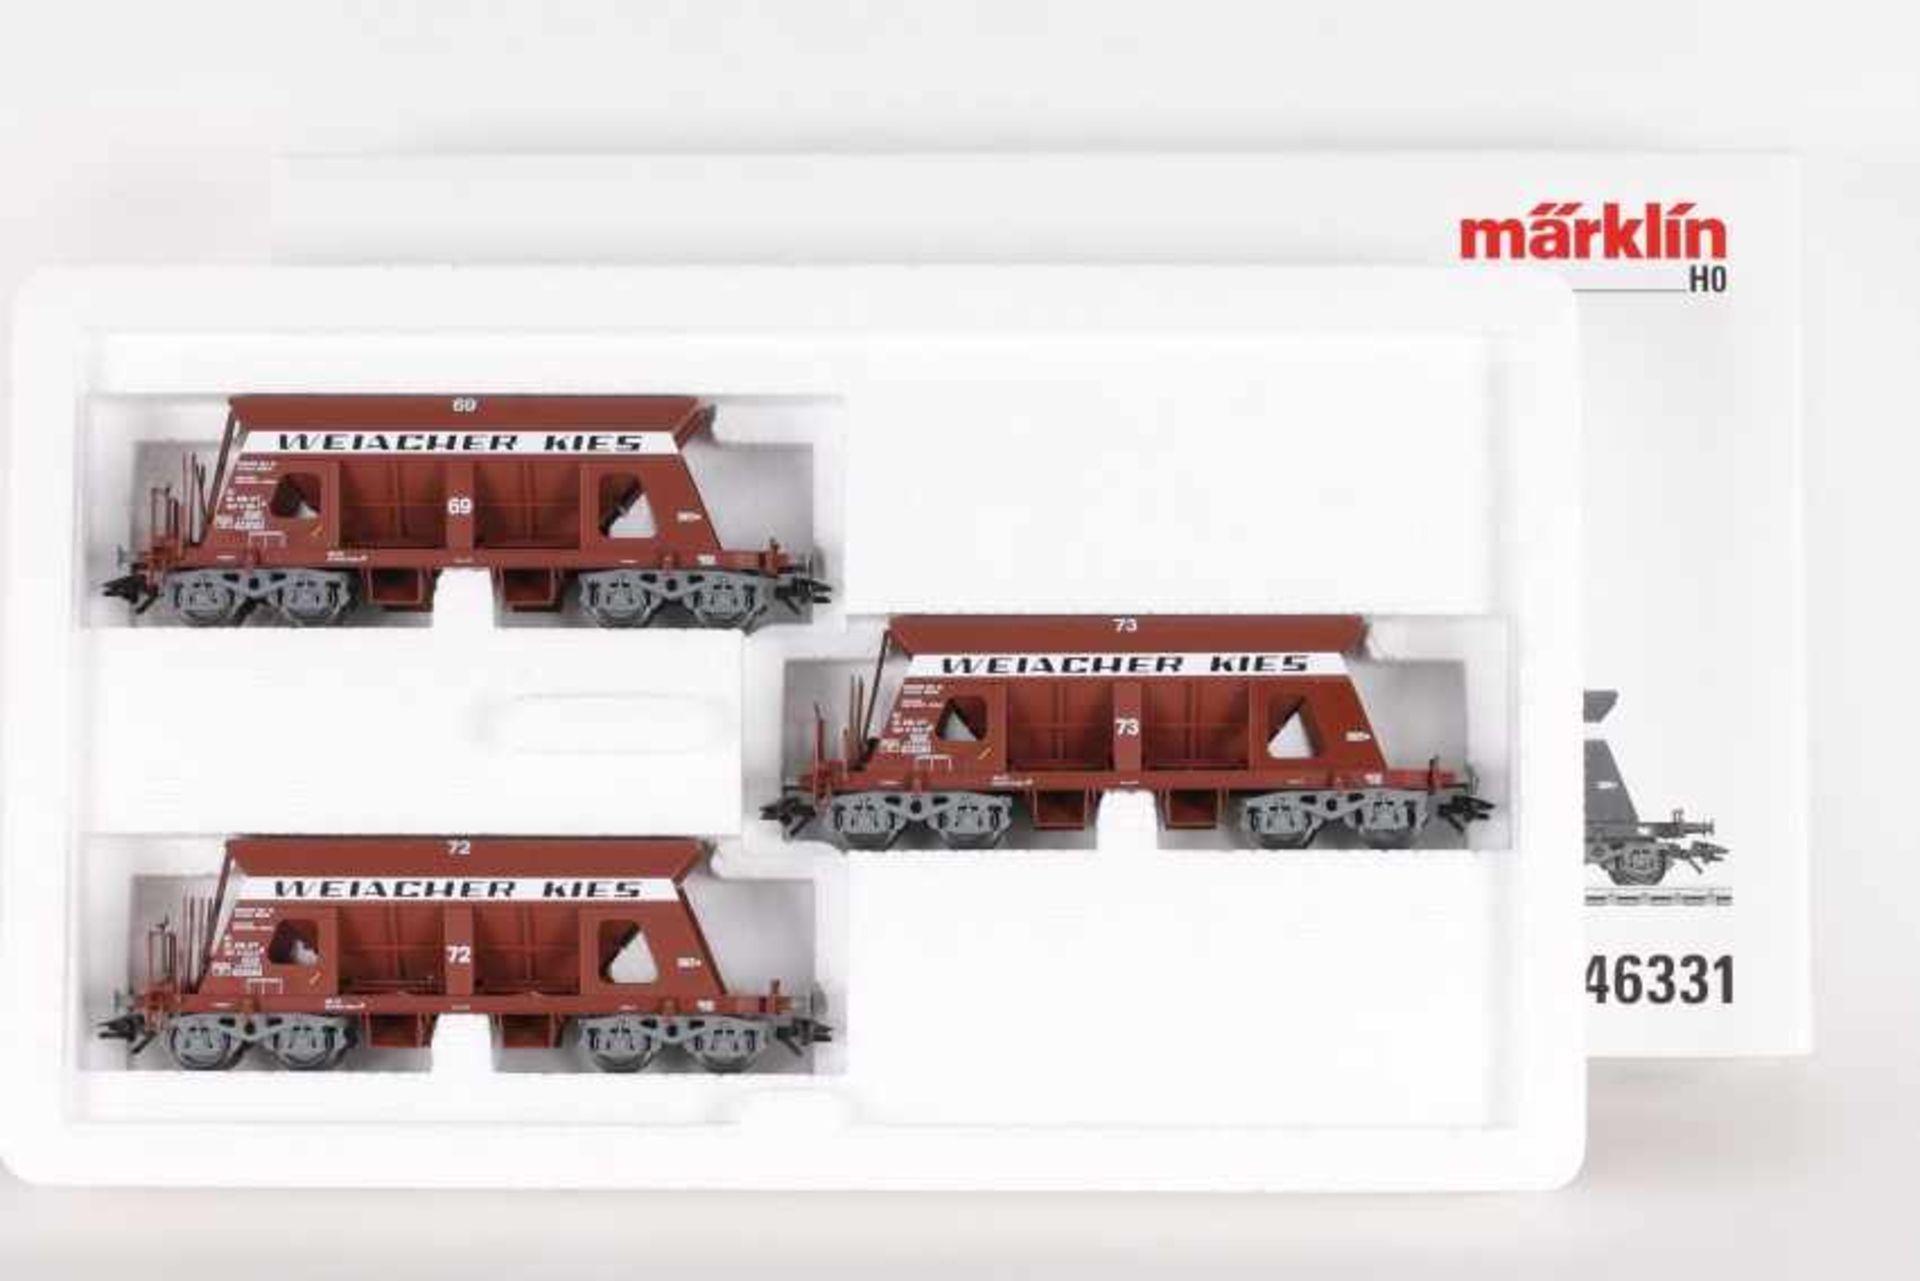 Los 1006 - Märklin 46331, Selbstentladewagen-SetMärklin 46331, Selbstentladewagen-Set, drei Wagen der SBB, sehr